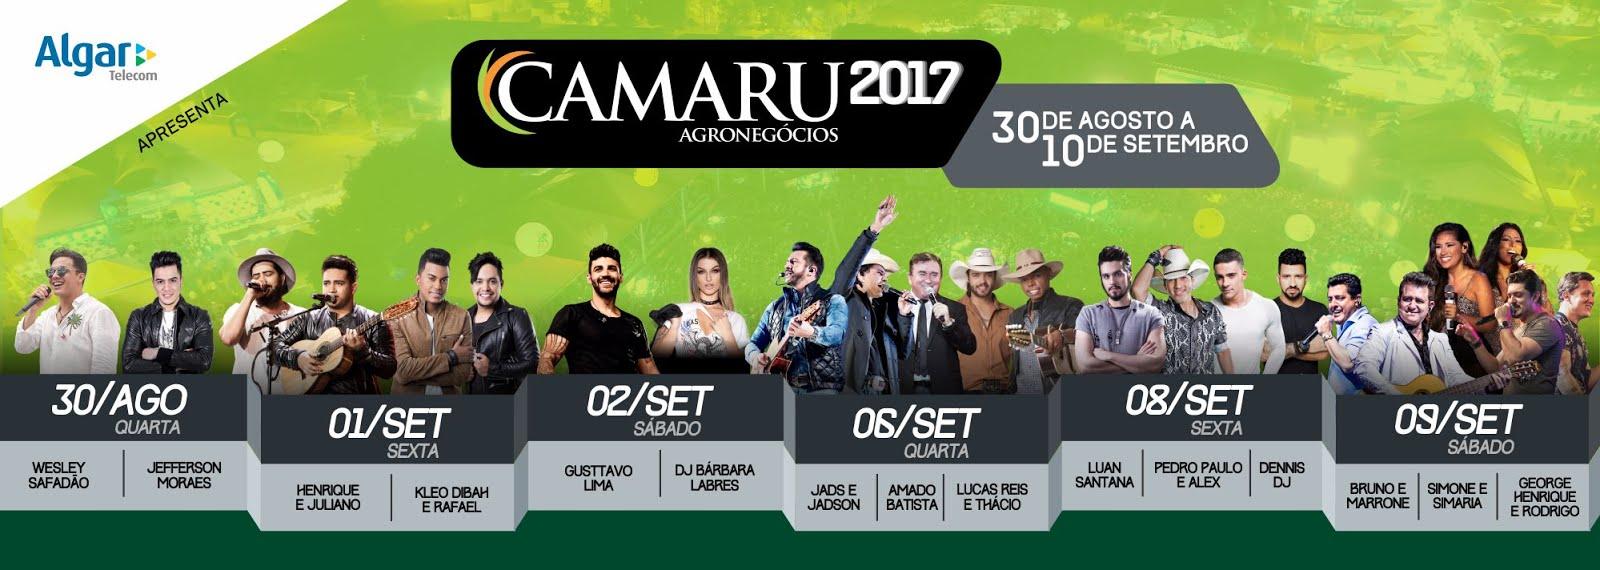 CAMARU 2017